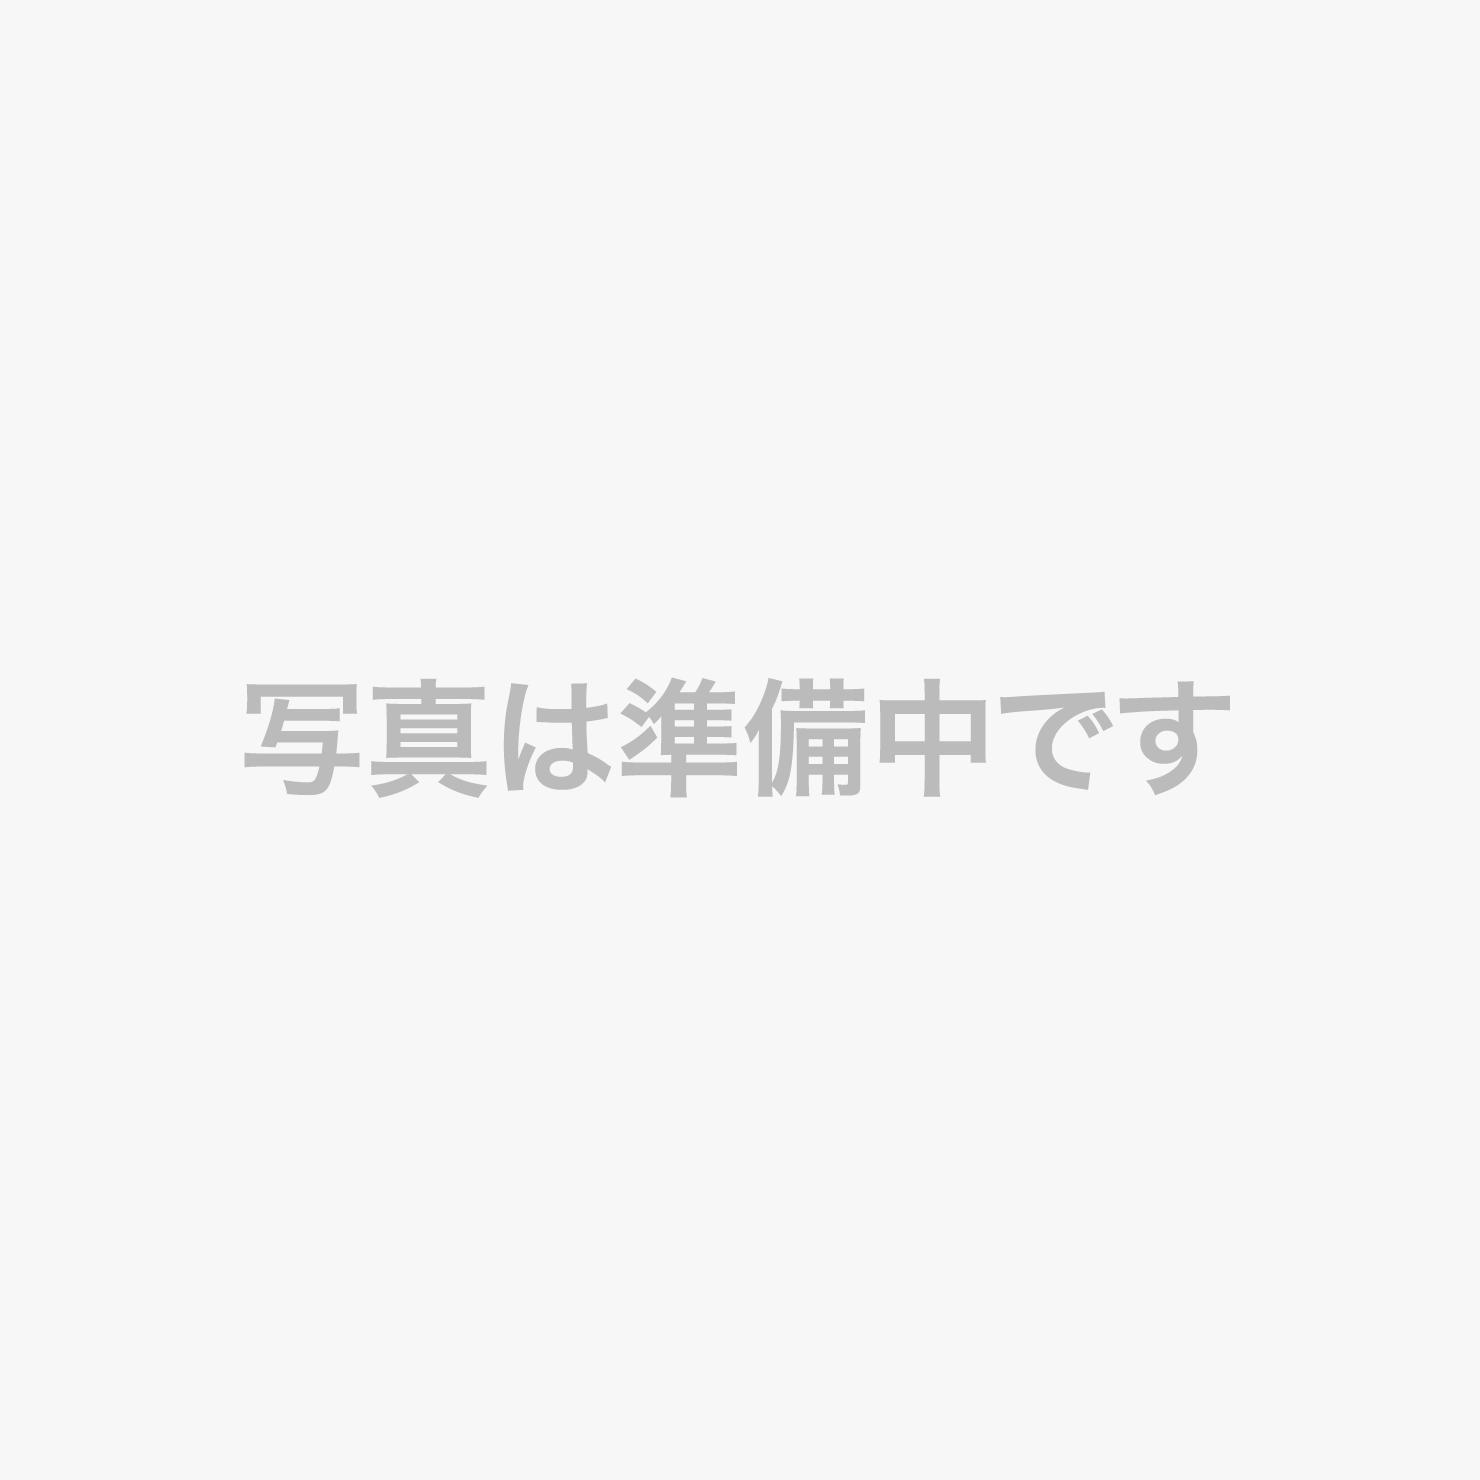 伊豆沼・内沼はすまつり(写真提供:宮城県観光課)